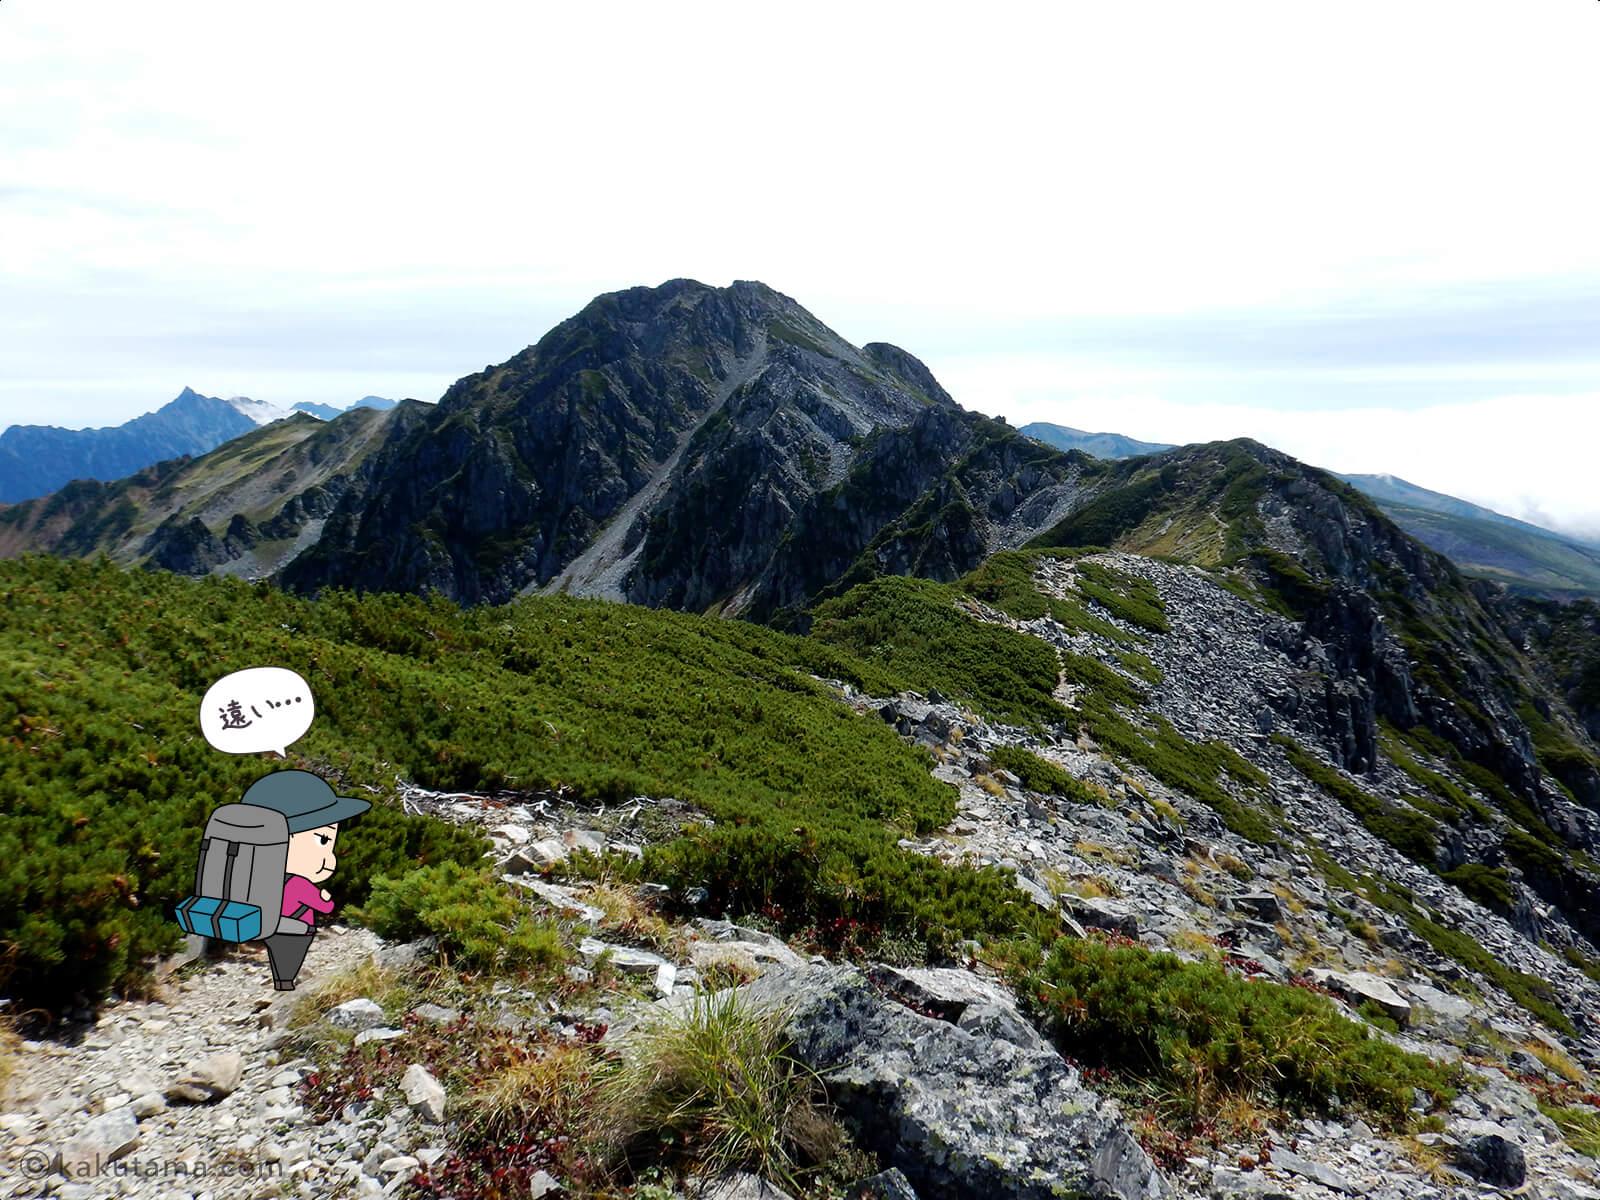 水晶岳へ向かって歩き出す3